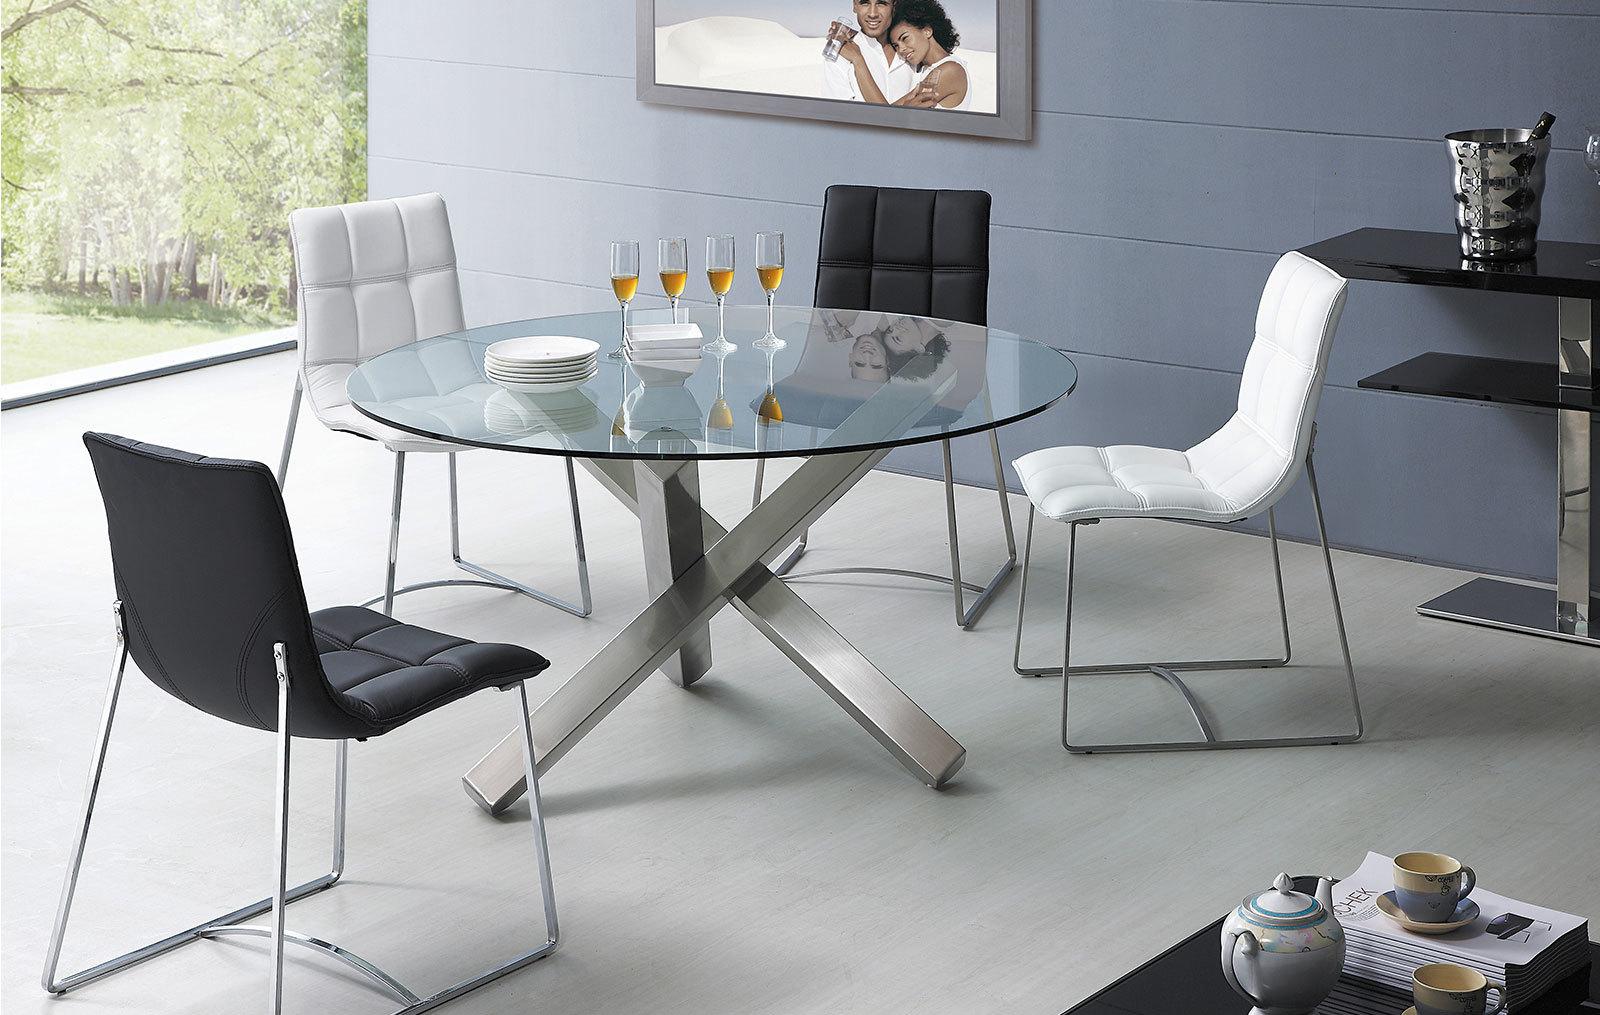 Стулья ESF BZ500S белые и черные со столом ESF BZ951